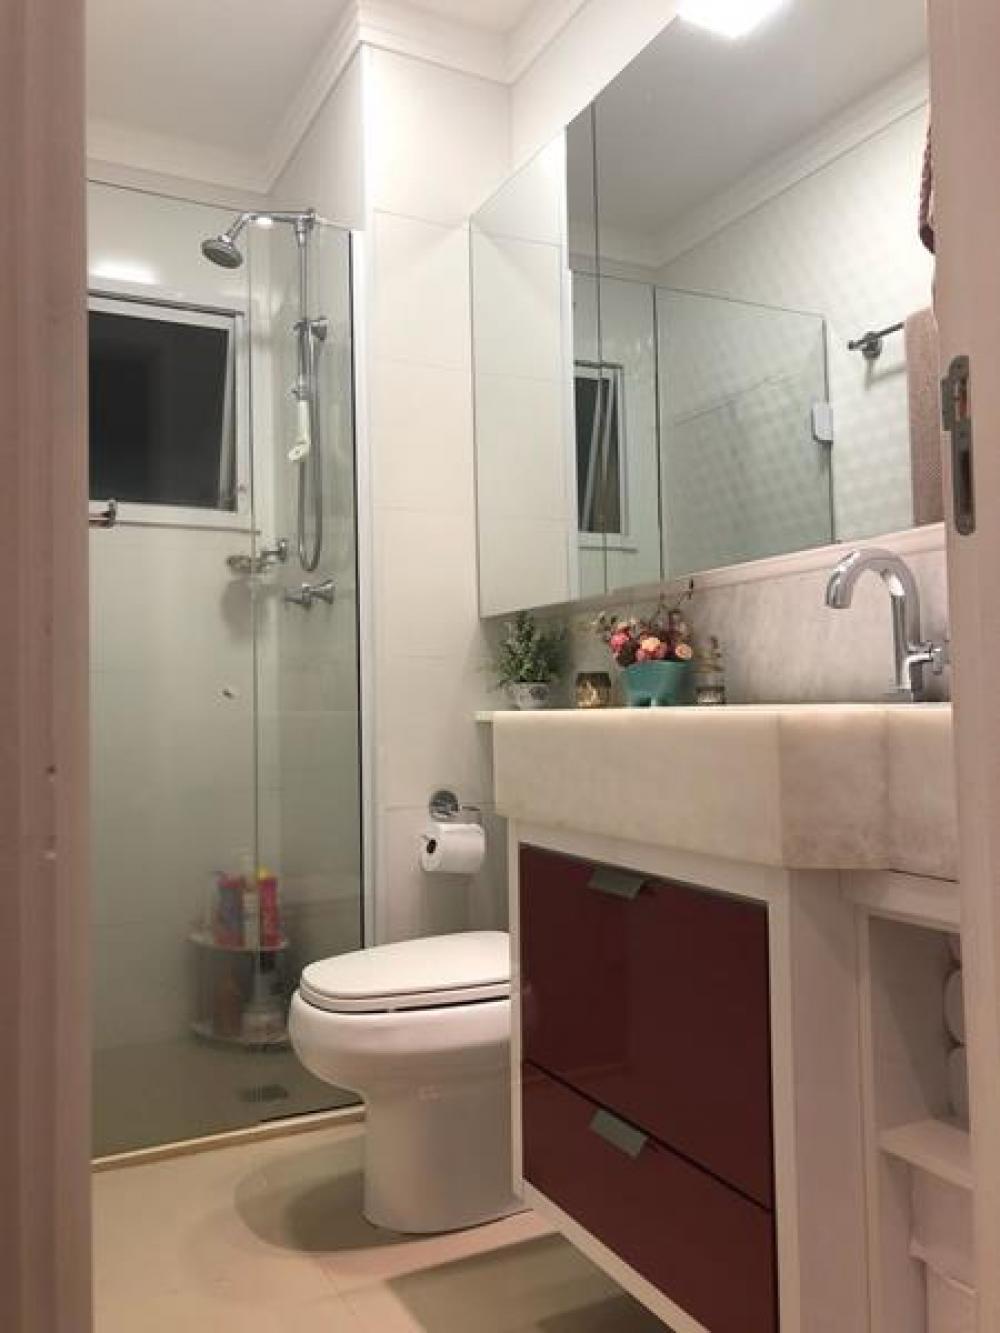 Comprar Apartamento / Padrão em São José do Rio Preto apenas R$ 230.000,00 - Foto 13